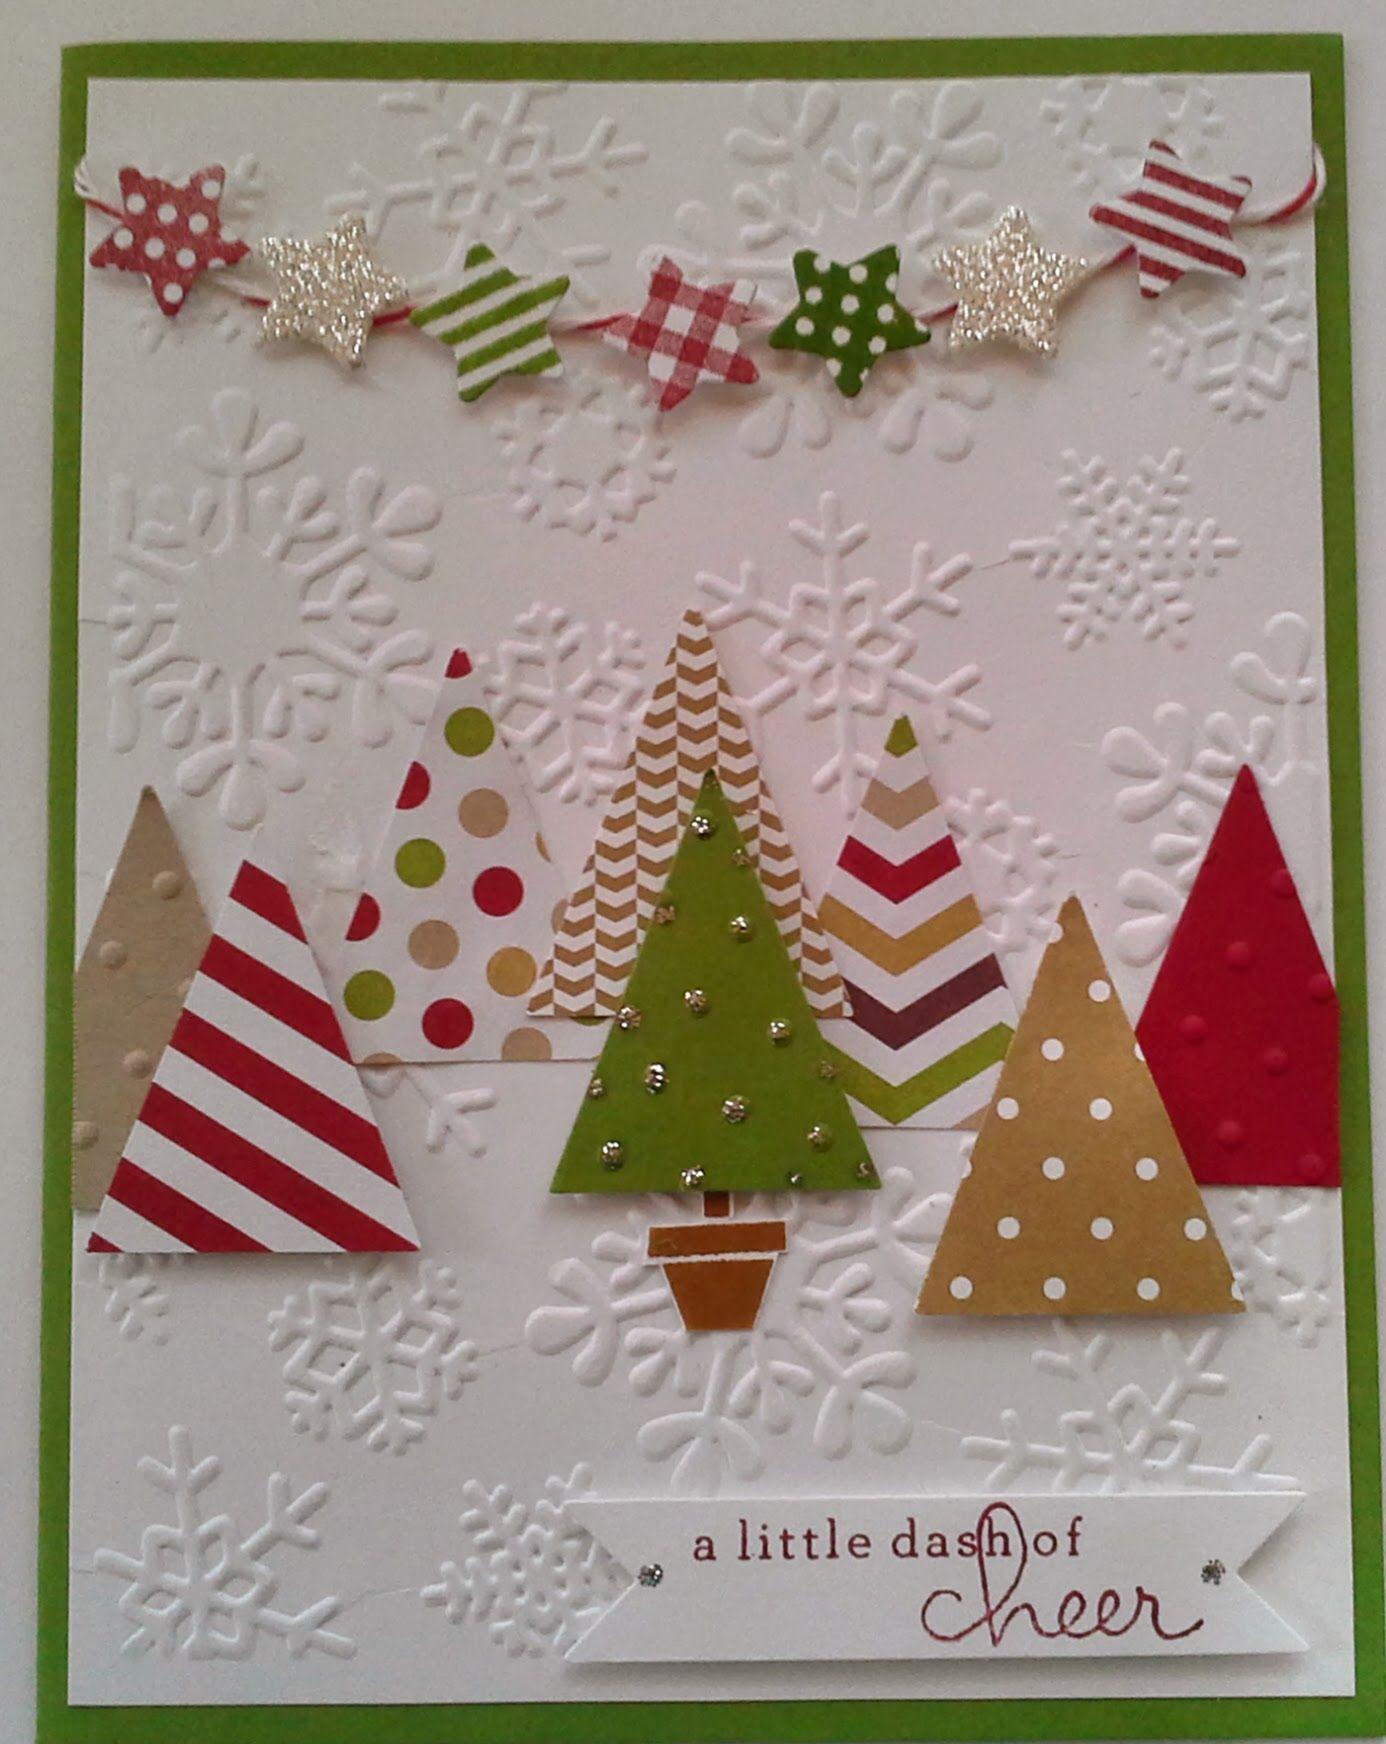 handmade xmas card using snowflake curtain embossing folder - Google Search xmas card using snowflake curtain embossing folder - Google Search